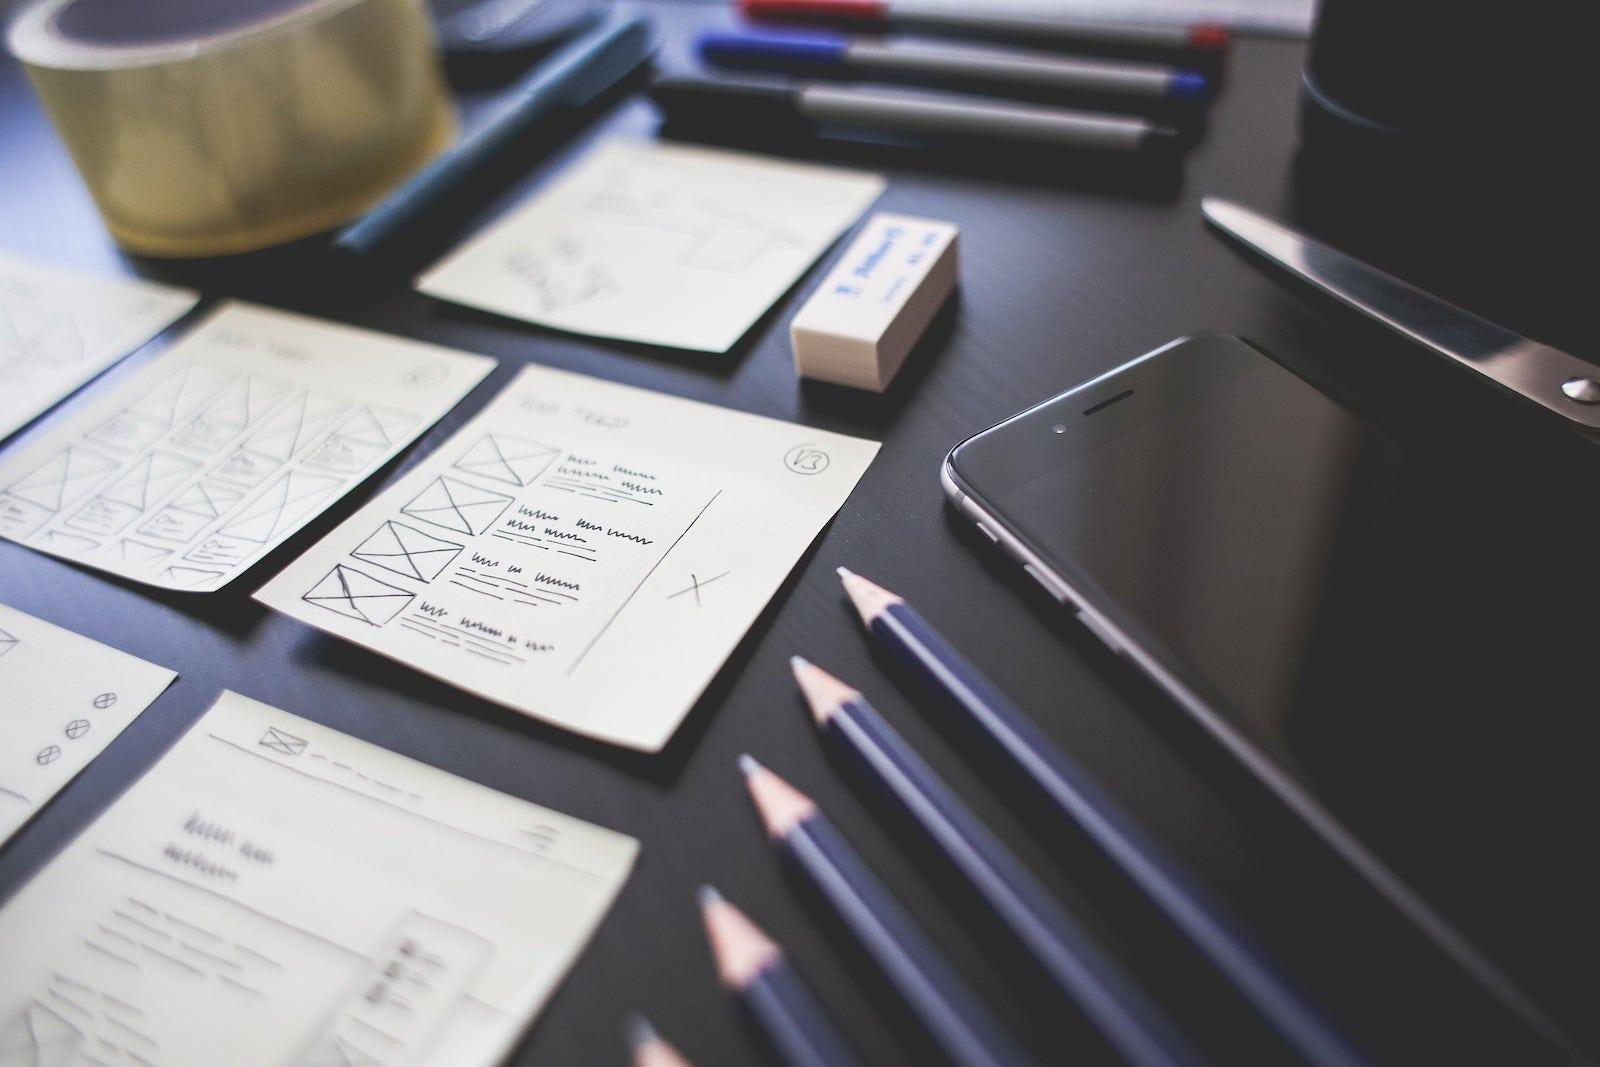 a desk being used for website design at ShopMonster